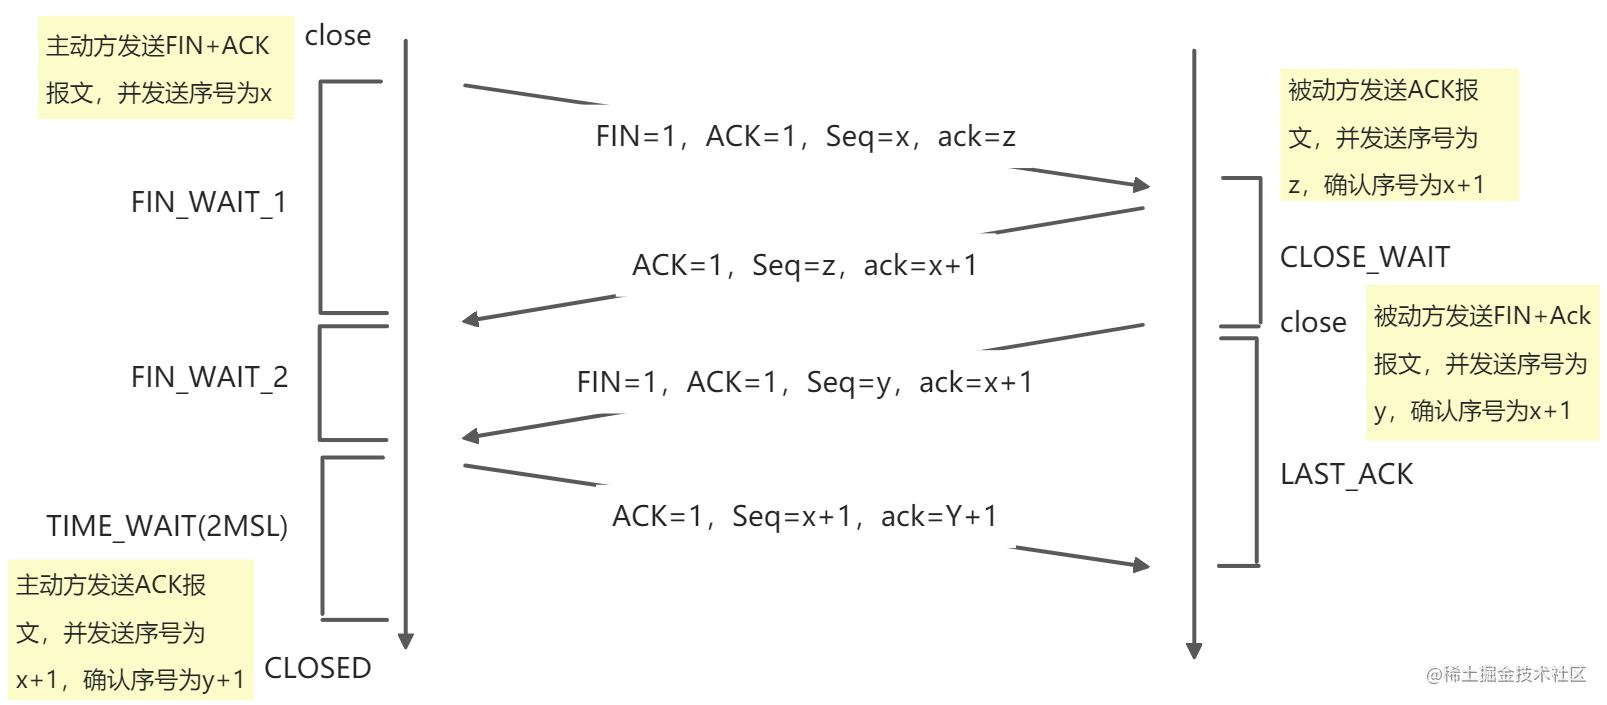 yuque_diagram (1).jpg